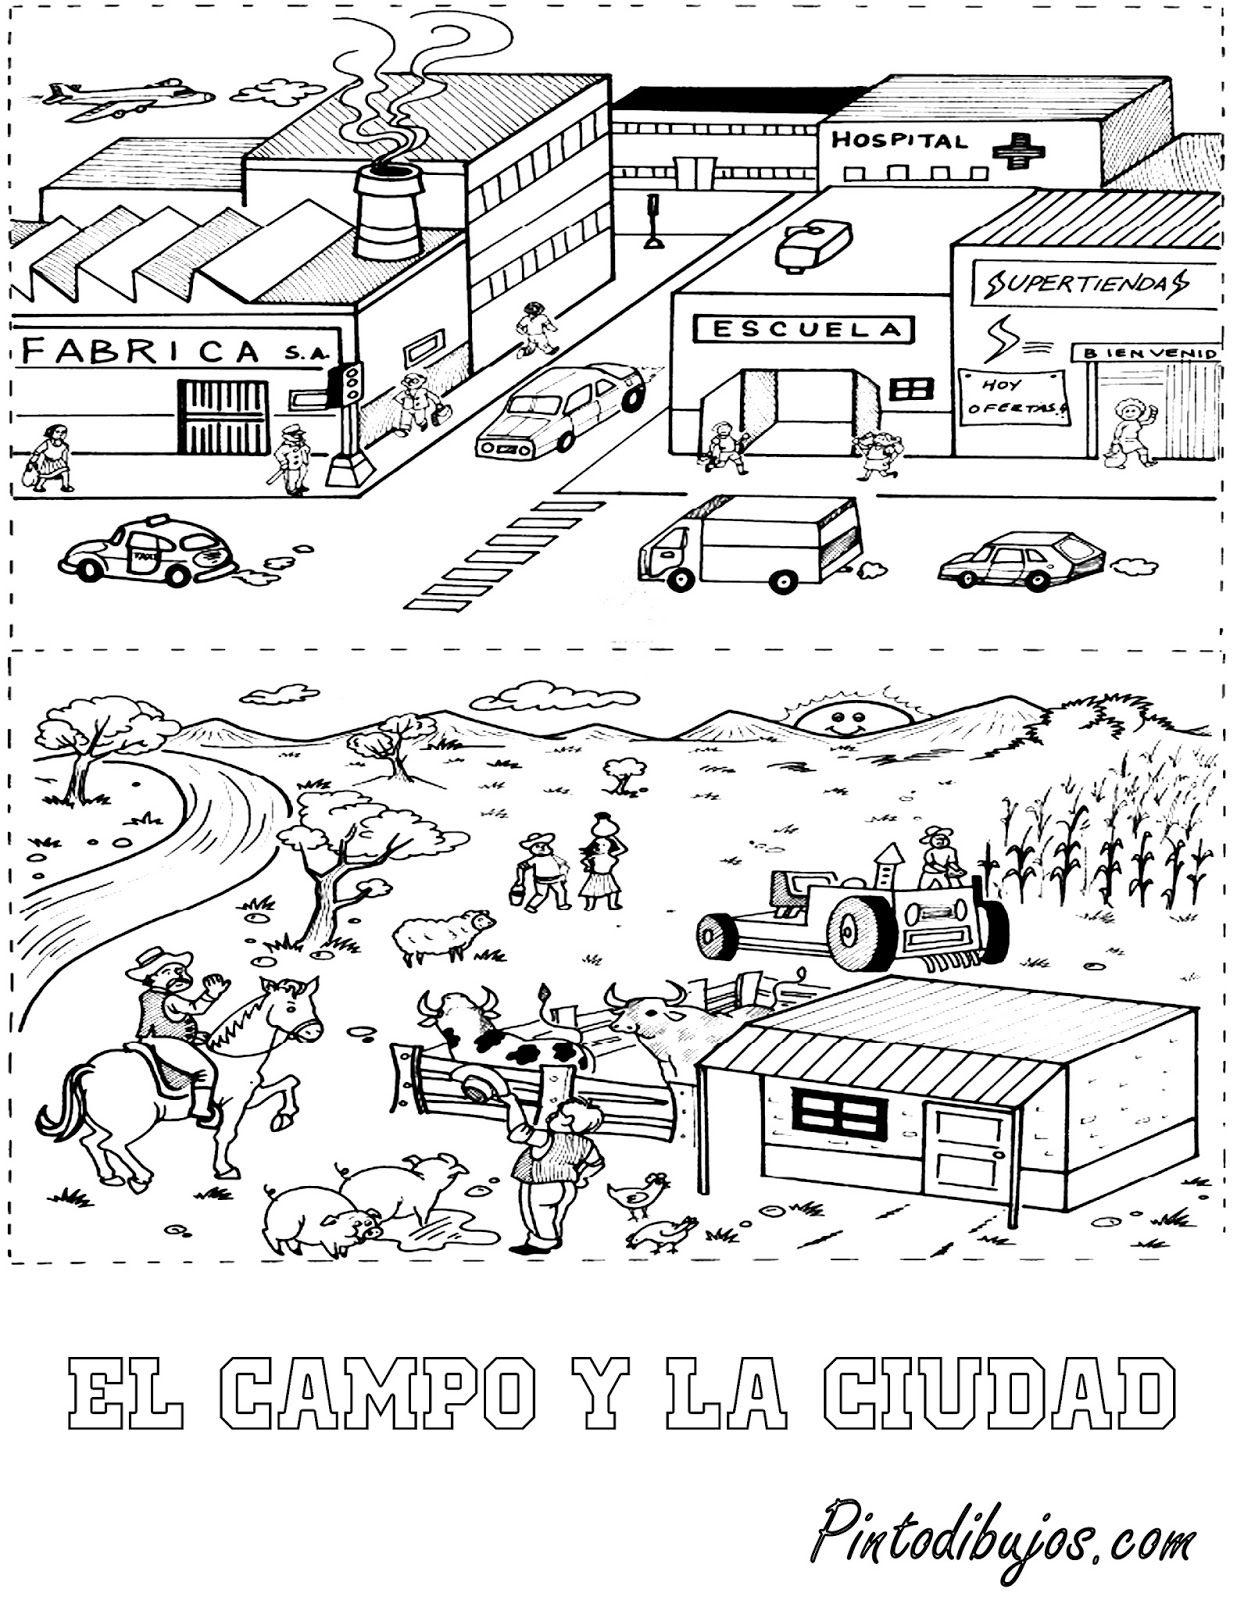 El Campo Y La Ciudad Jpg 1237 1600 Geografia Para Ninos Actividades De Geografia Primeros Grados